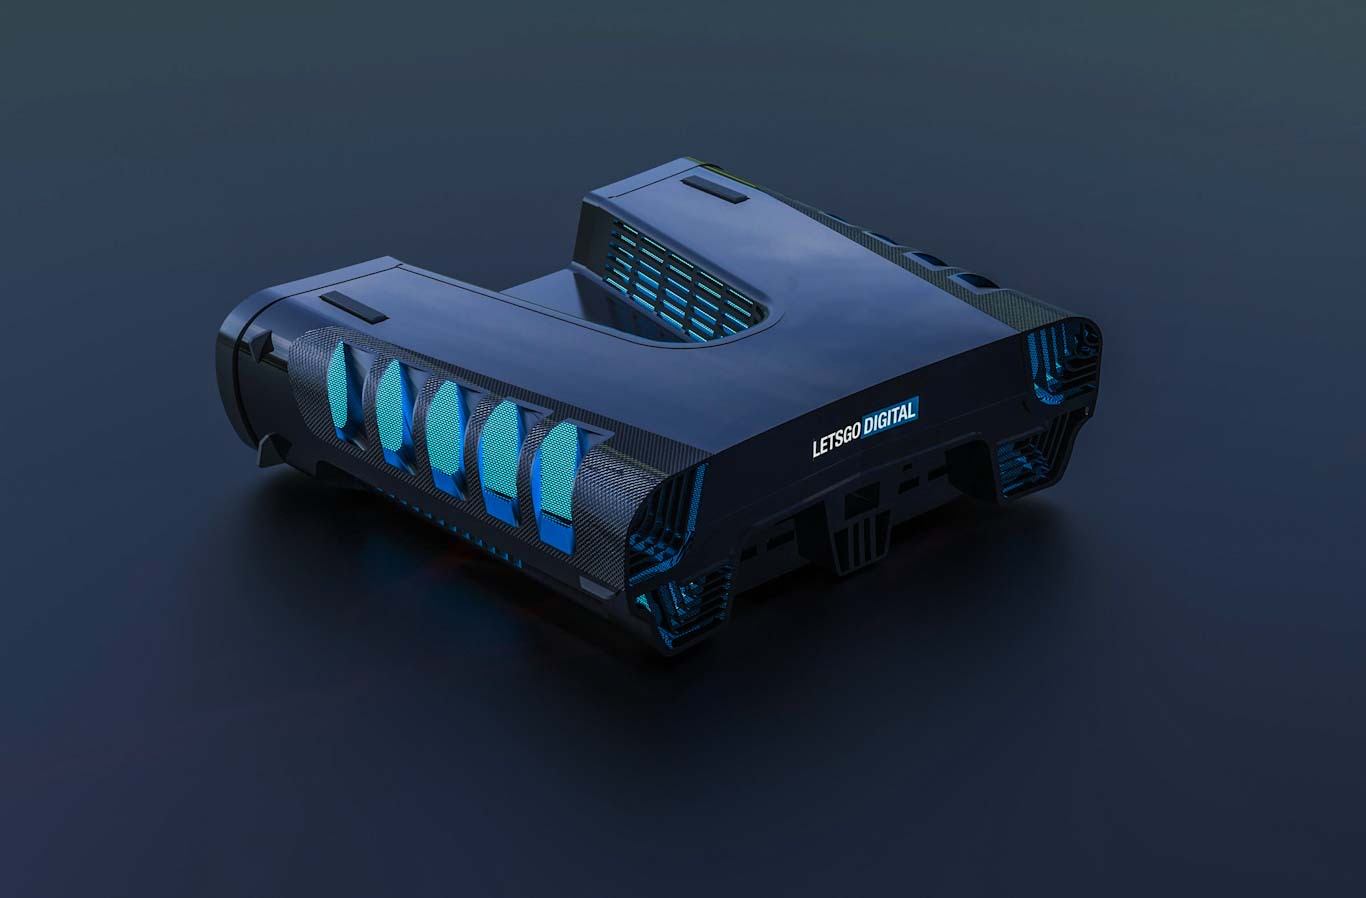 Bizarre PS5 devkit patent gets a cool sci-fi 3D render 2